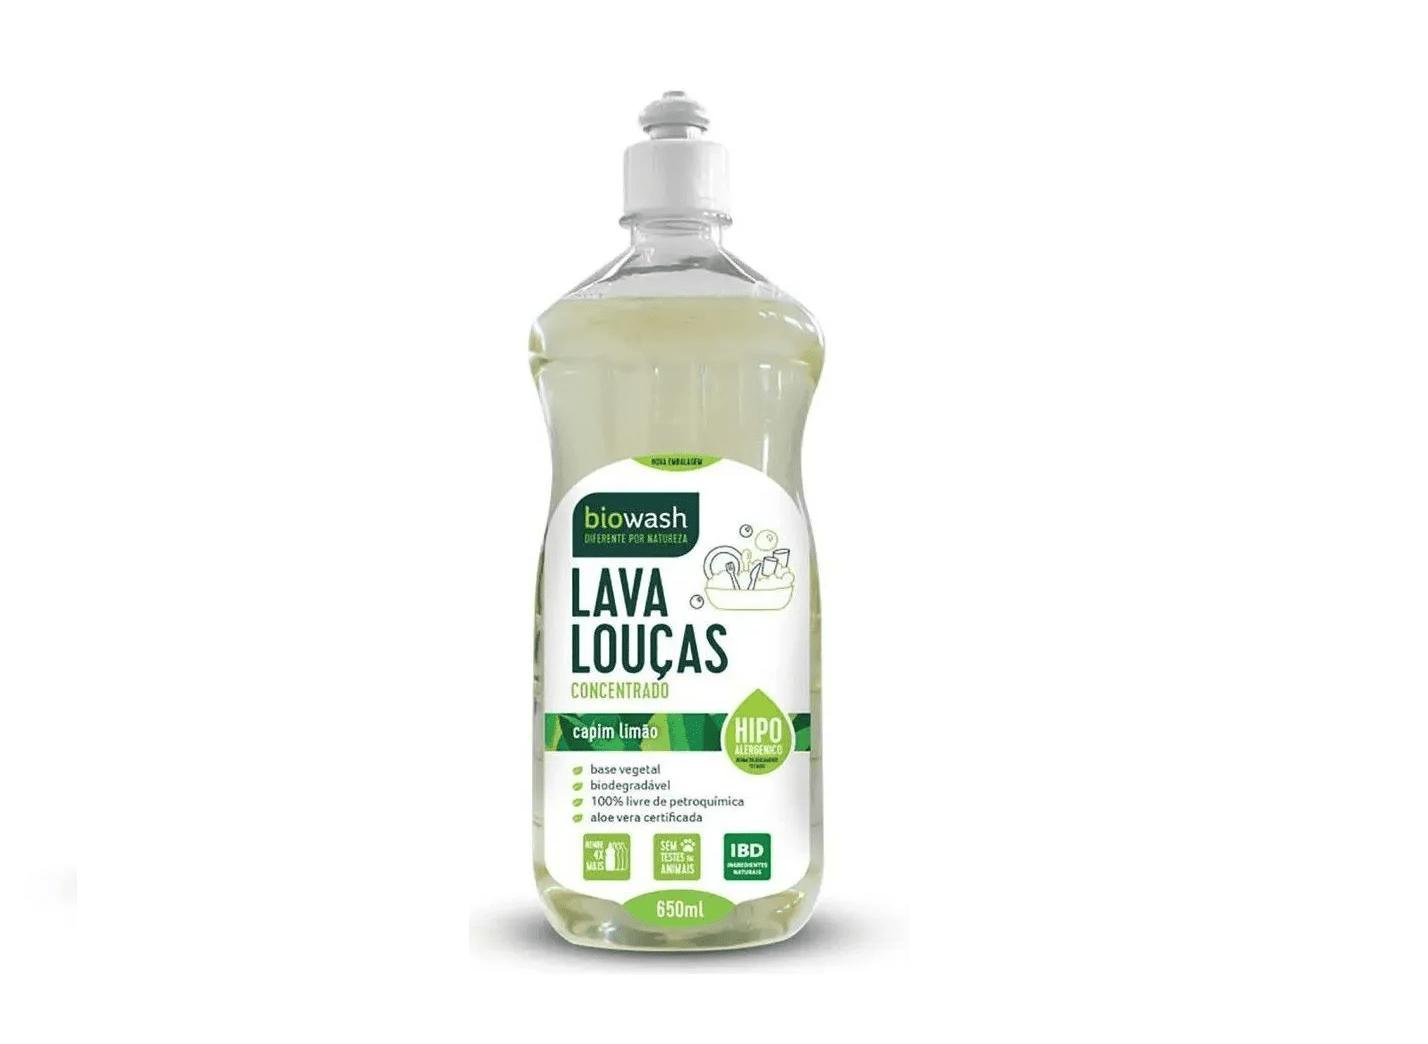 Lava Louças Capim Limão e Aloe Vera Biowash 650ml 100% Natural (Rende 4 Vezes Mais)